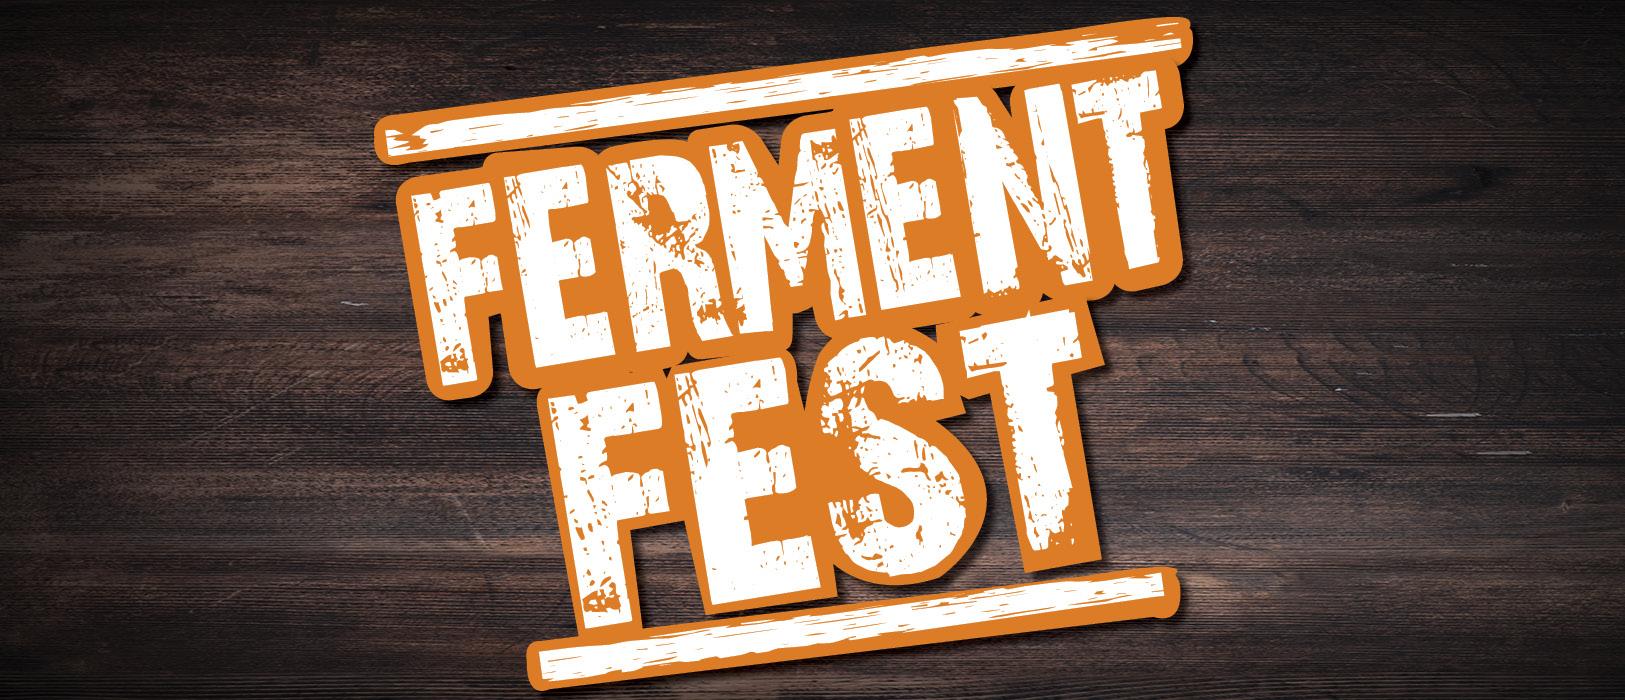 Ferment Fest Event Finda 1.jpg